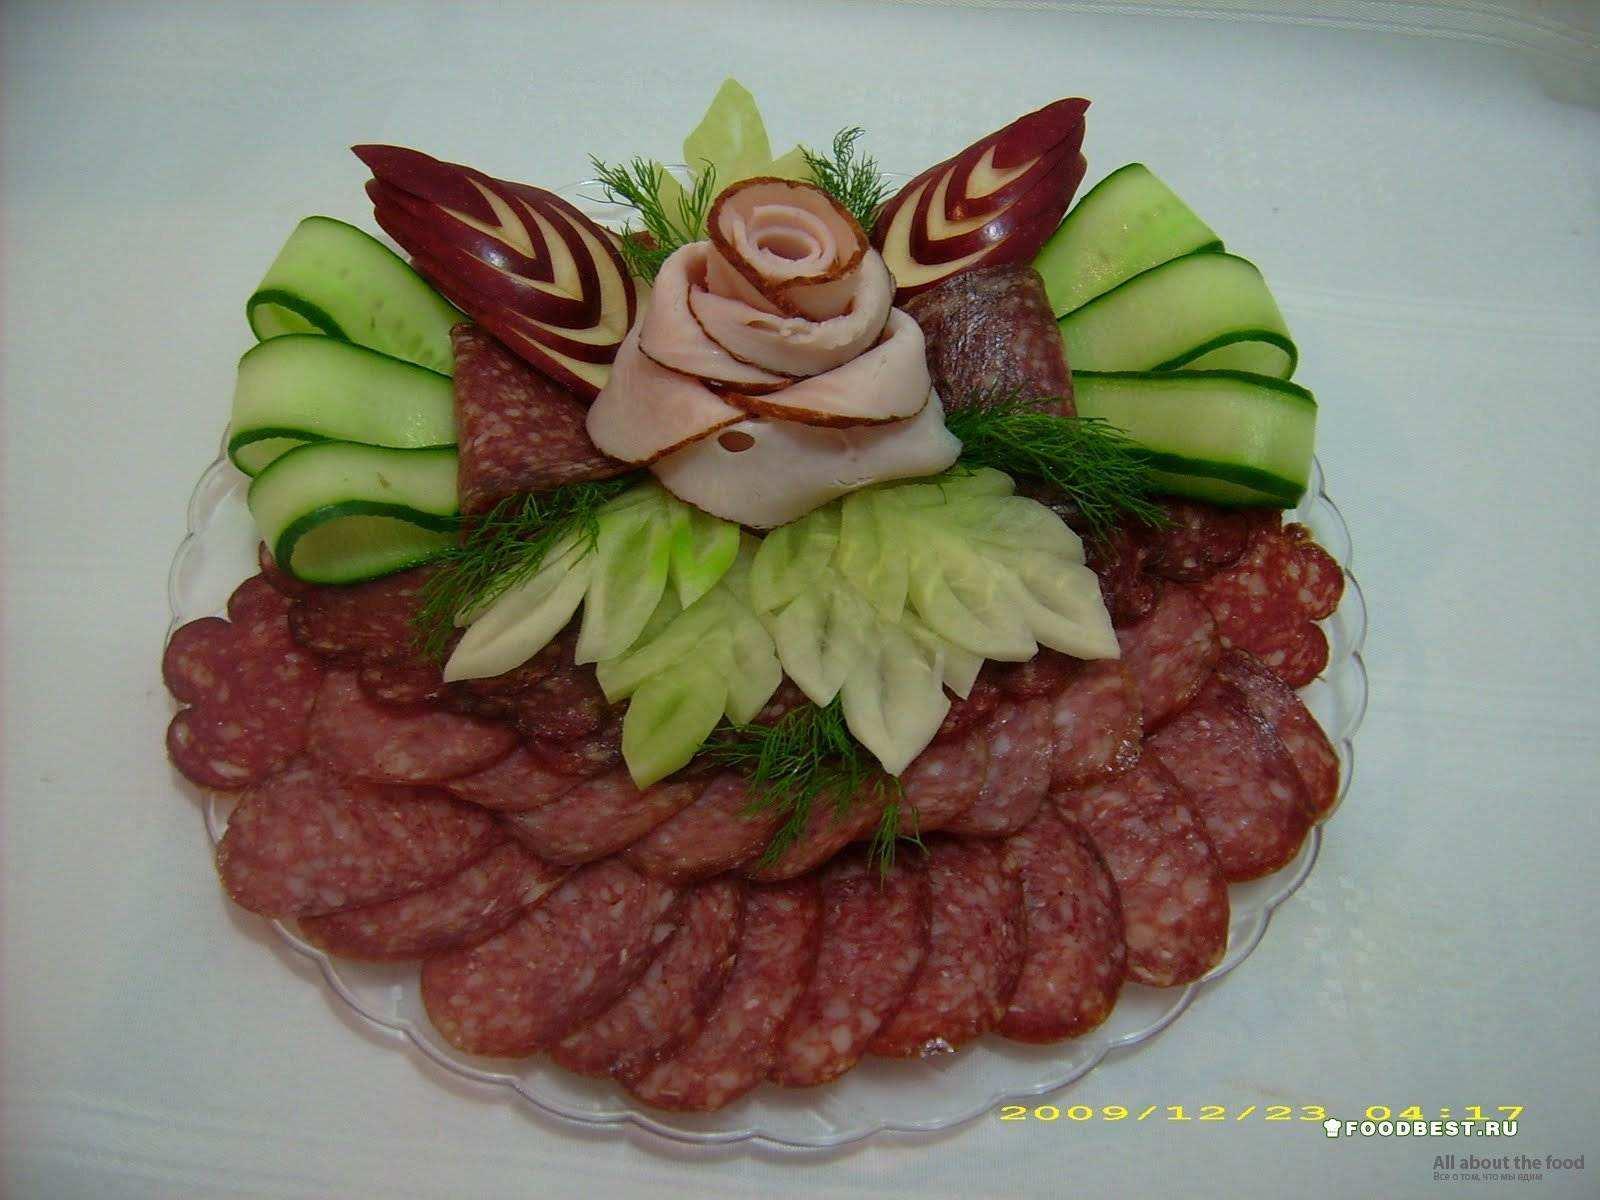 Как красиво сделать нарезку из колбасы и сыра фото